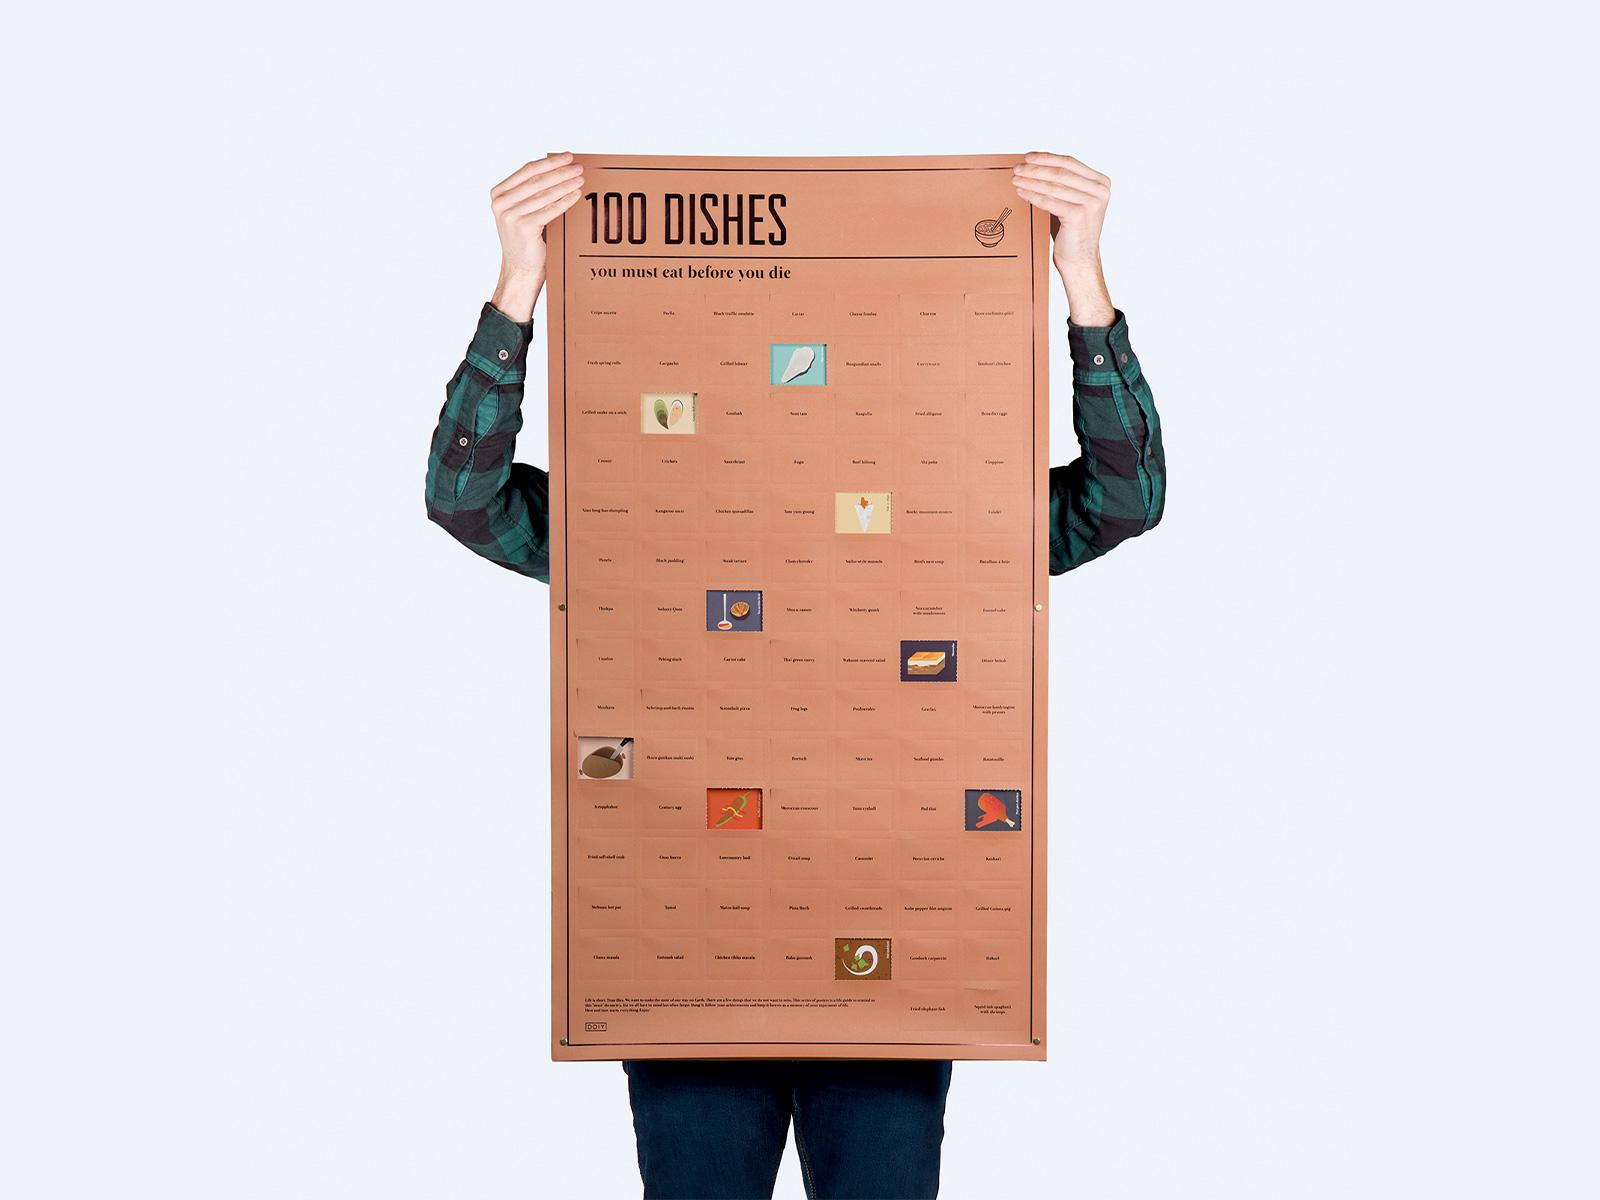 poster interactivo 100 platos de comida